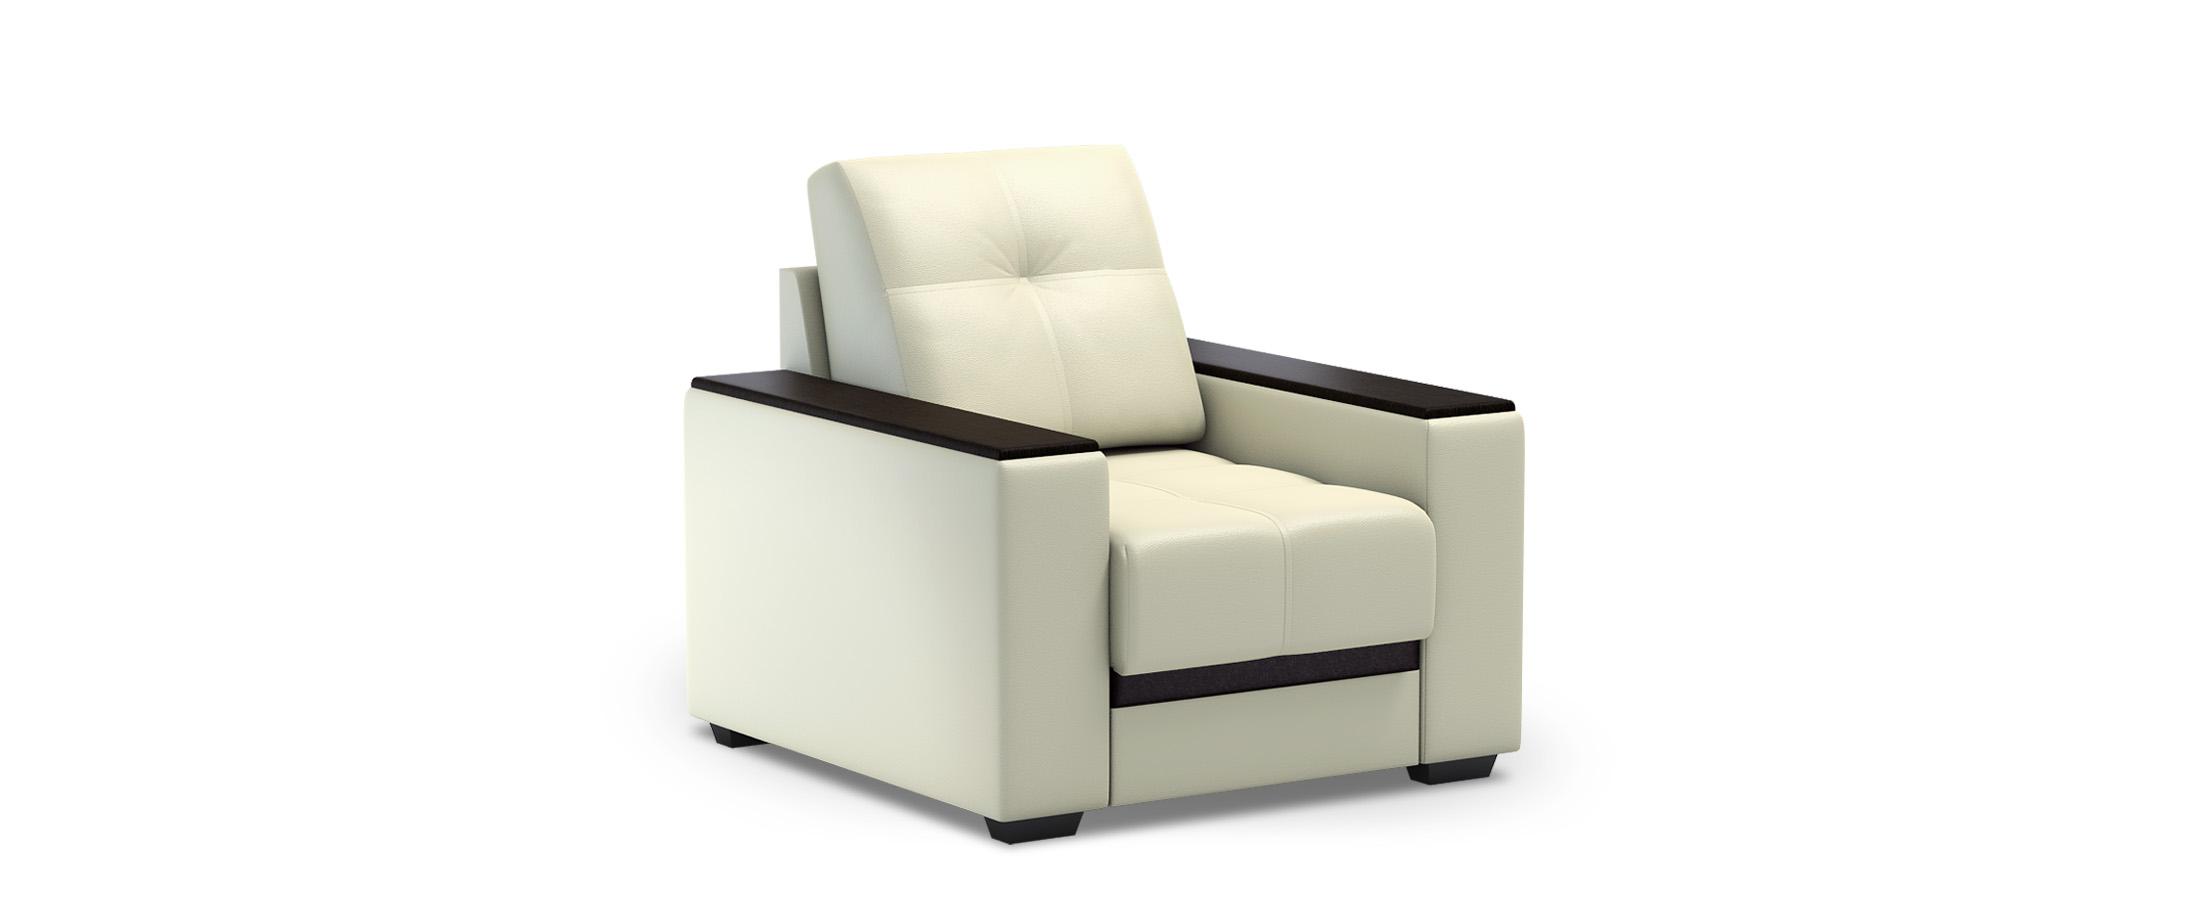 Кресло из экокожи Атланта 066Купить белое кресло-кровать Атланта 066. Доставка от 1 дня. Подъём, сборка, вынос упаковки. Гарантия 18 месяцев. Интернет-магазин мебели MOON TRADE.<br>